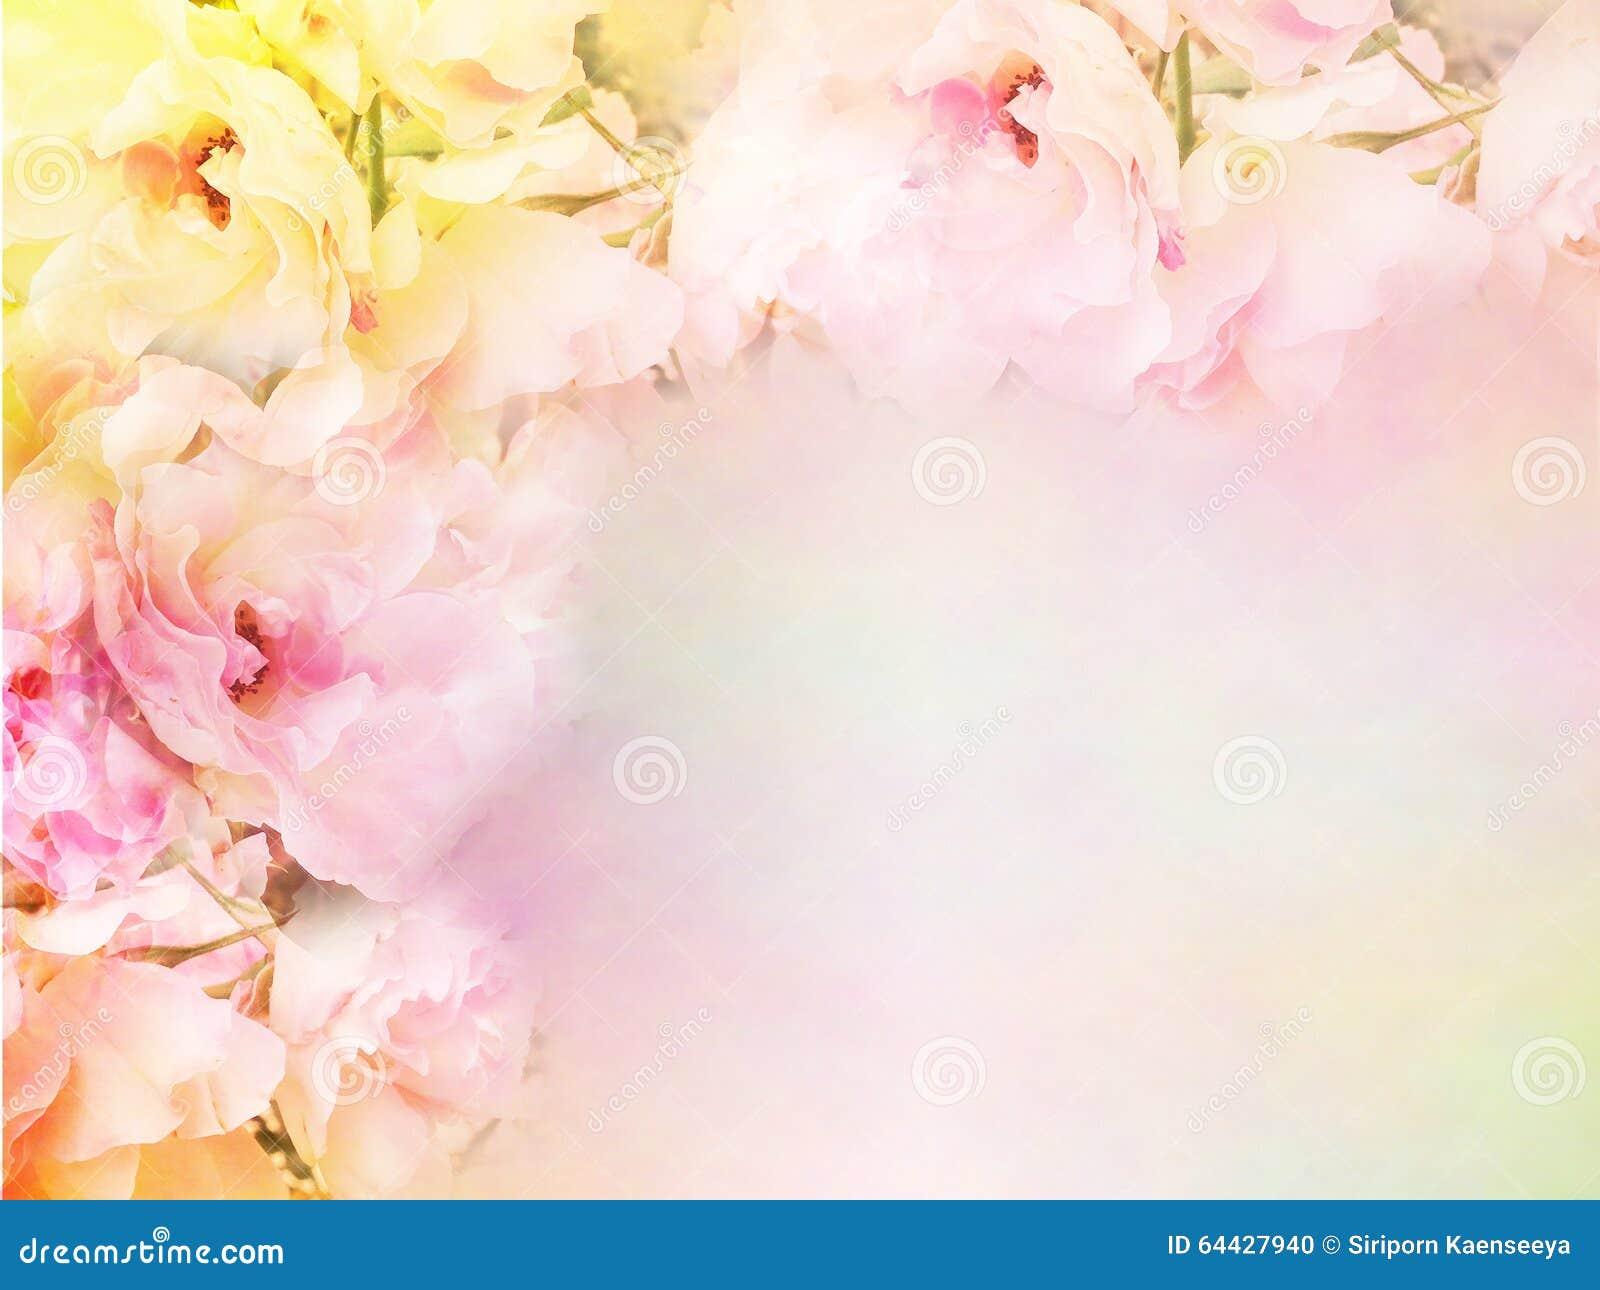 Pink Roses Flower Border And Frame In Vintage Color For Valentine